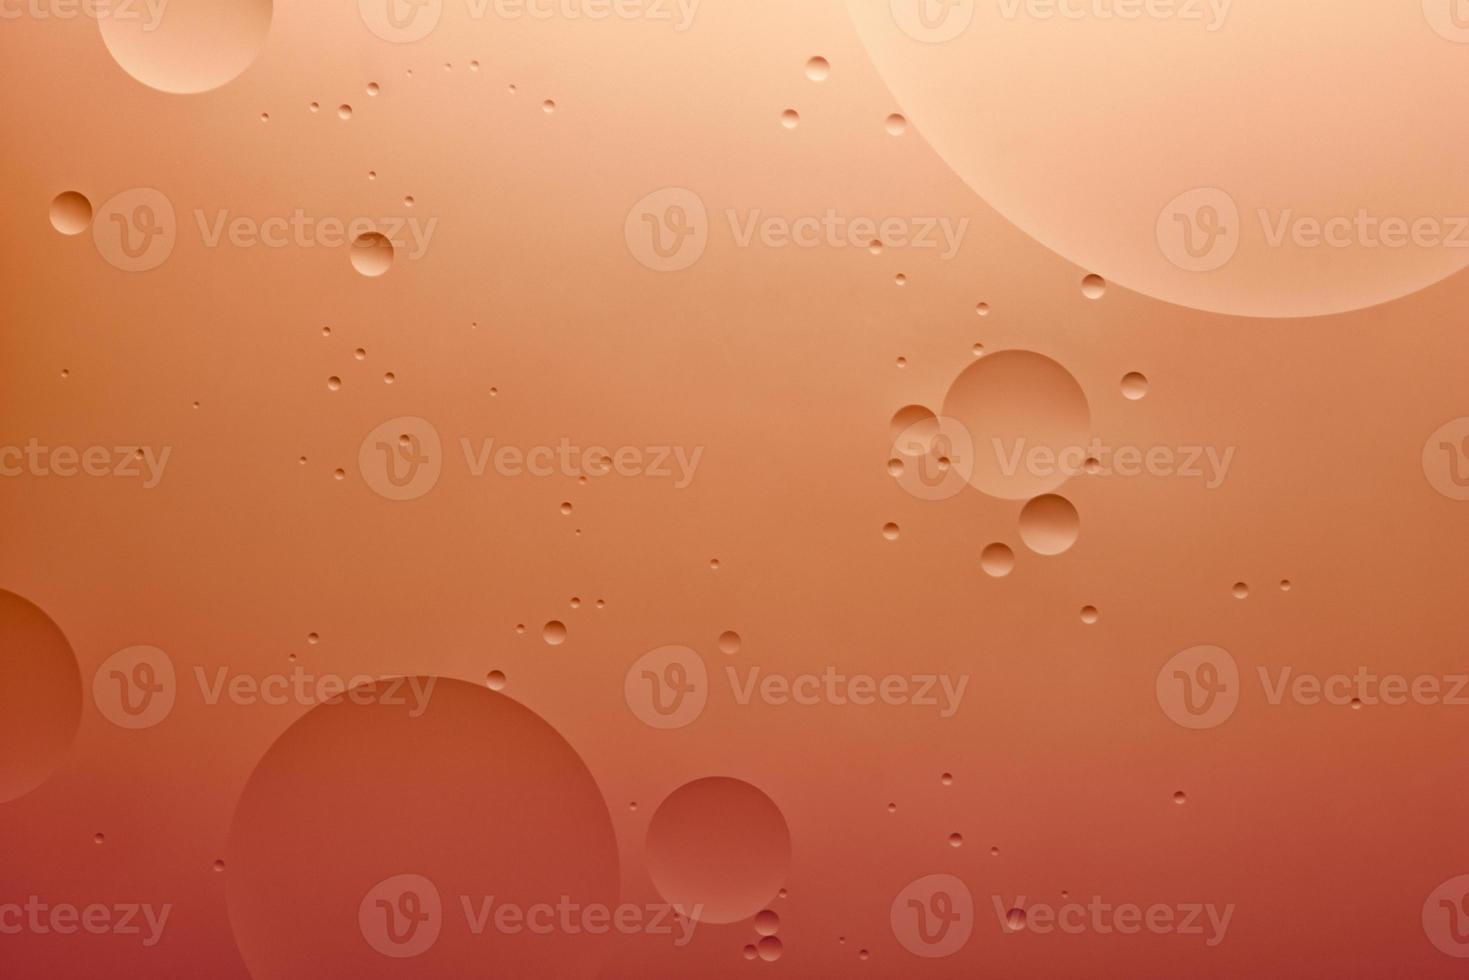 vatten och olja, färg abstrakt bakgrund baserad på orange färg cirklar och ovaler, makro abstraktion, verkligt foto. foto